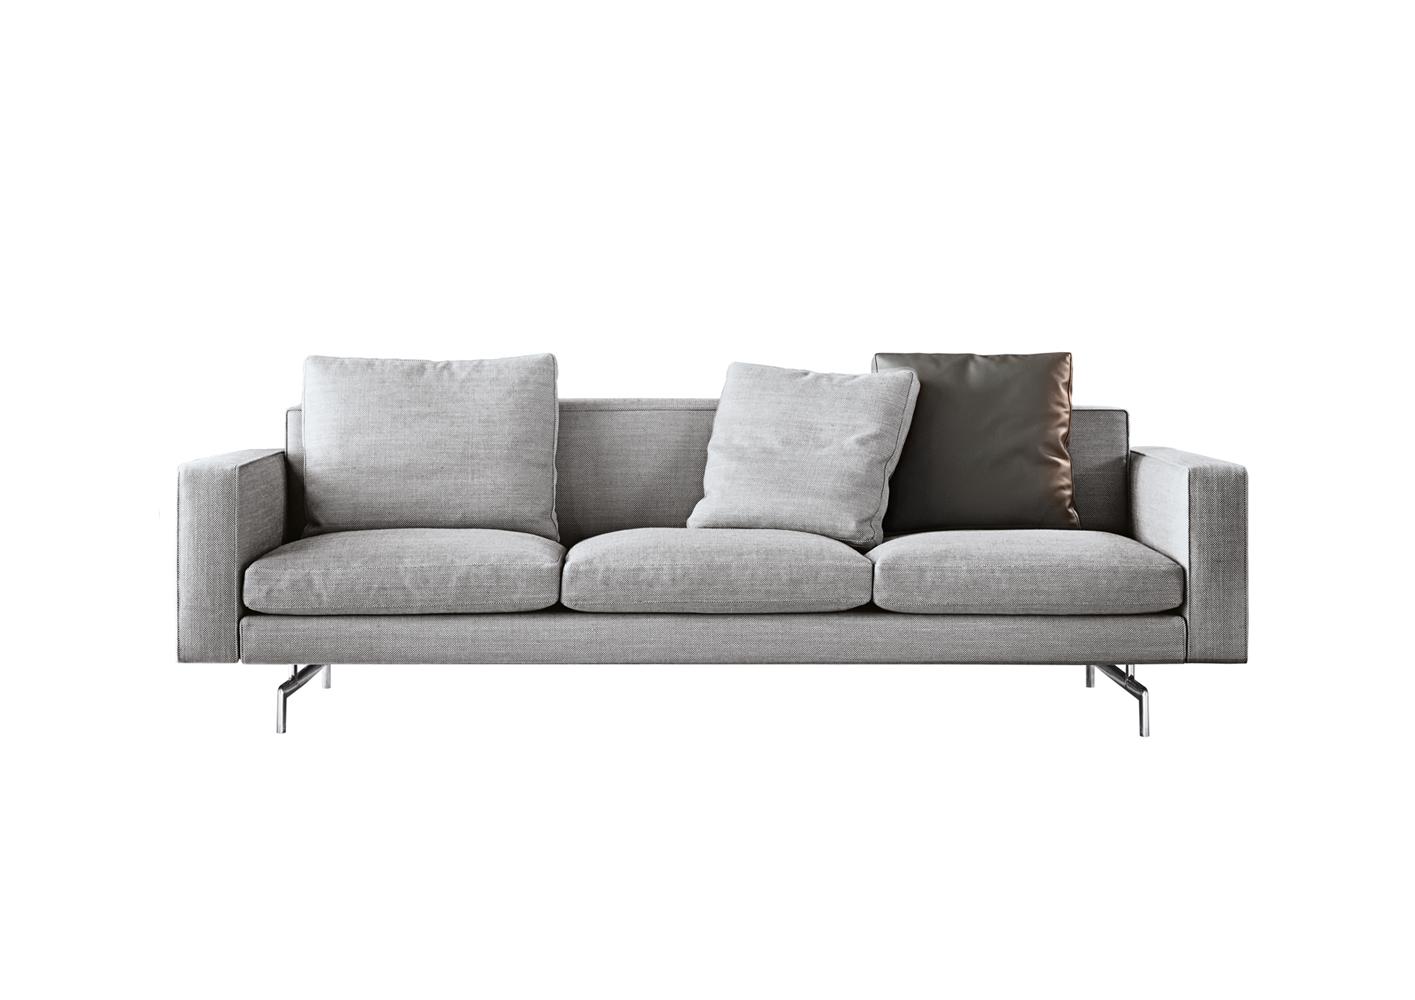 Современные диваны в интерьере гостиной - диван Sherman.93